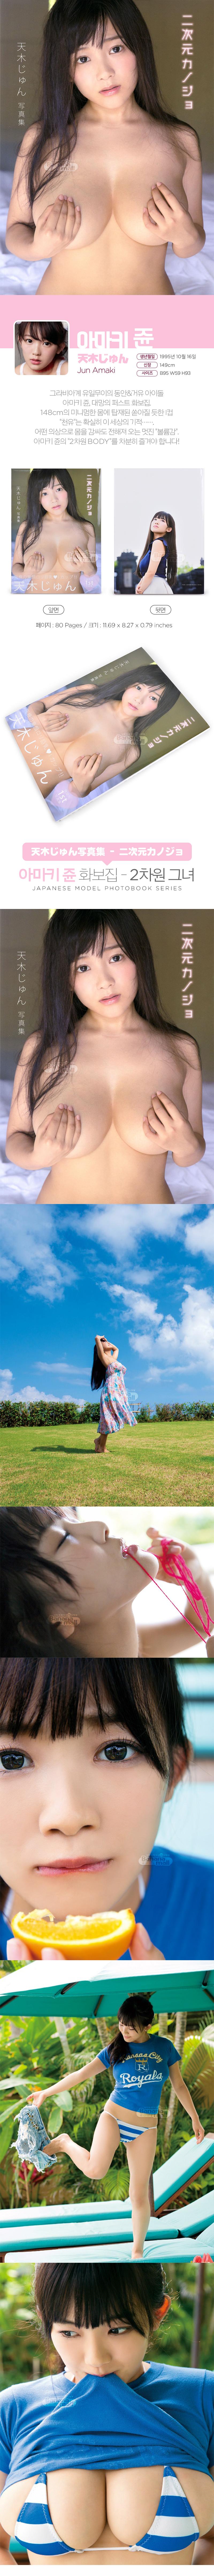 [일본 직수입] 아마키 쥰 1st 화보집 - 2차원 그녀(二次元カノジョ 天木じゅん写真集)